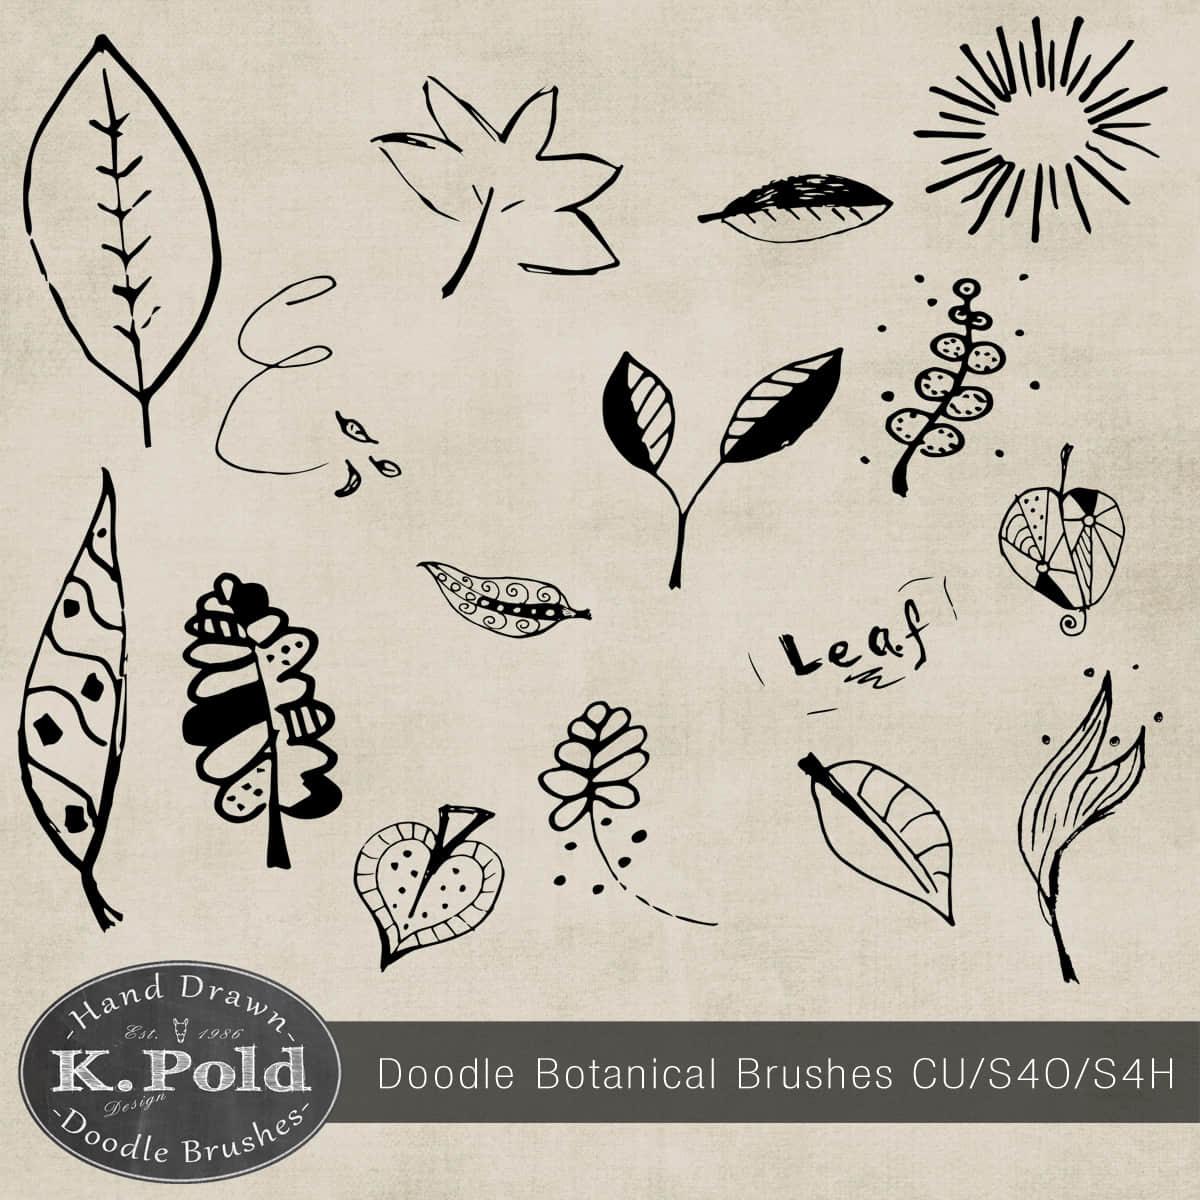 可爱的童趣涂鸦树叶Photoshop叶子笔刷 童趣笔刷 树叶笔刷 可爱笔刷  %e6%b6%82%e9%b8%a6%e7%ac%94%e5%88%b7 %e5%8d%a1%e9%80%9a%e7%ac%94%e5%88%b7